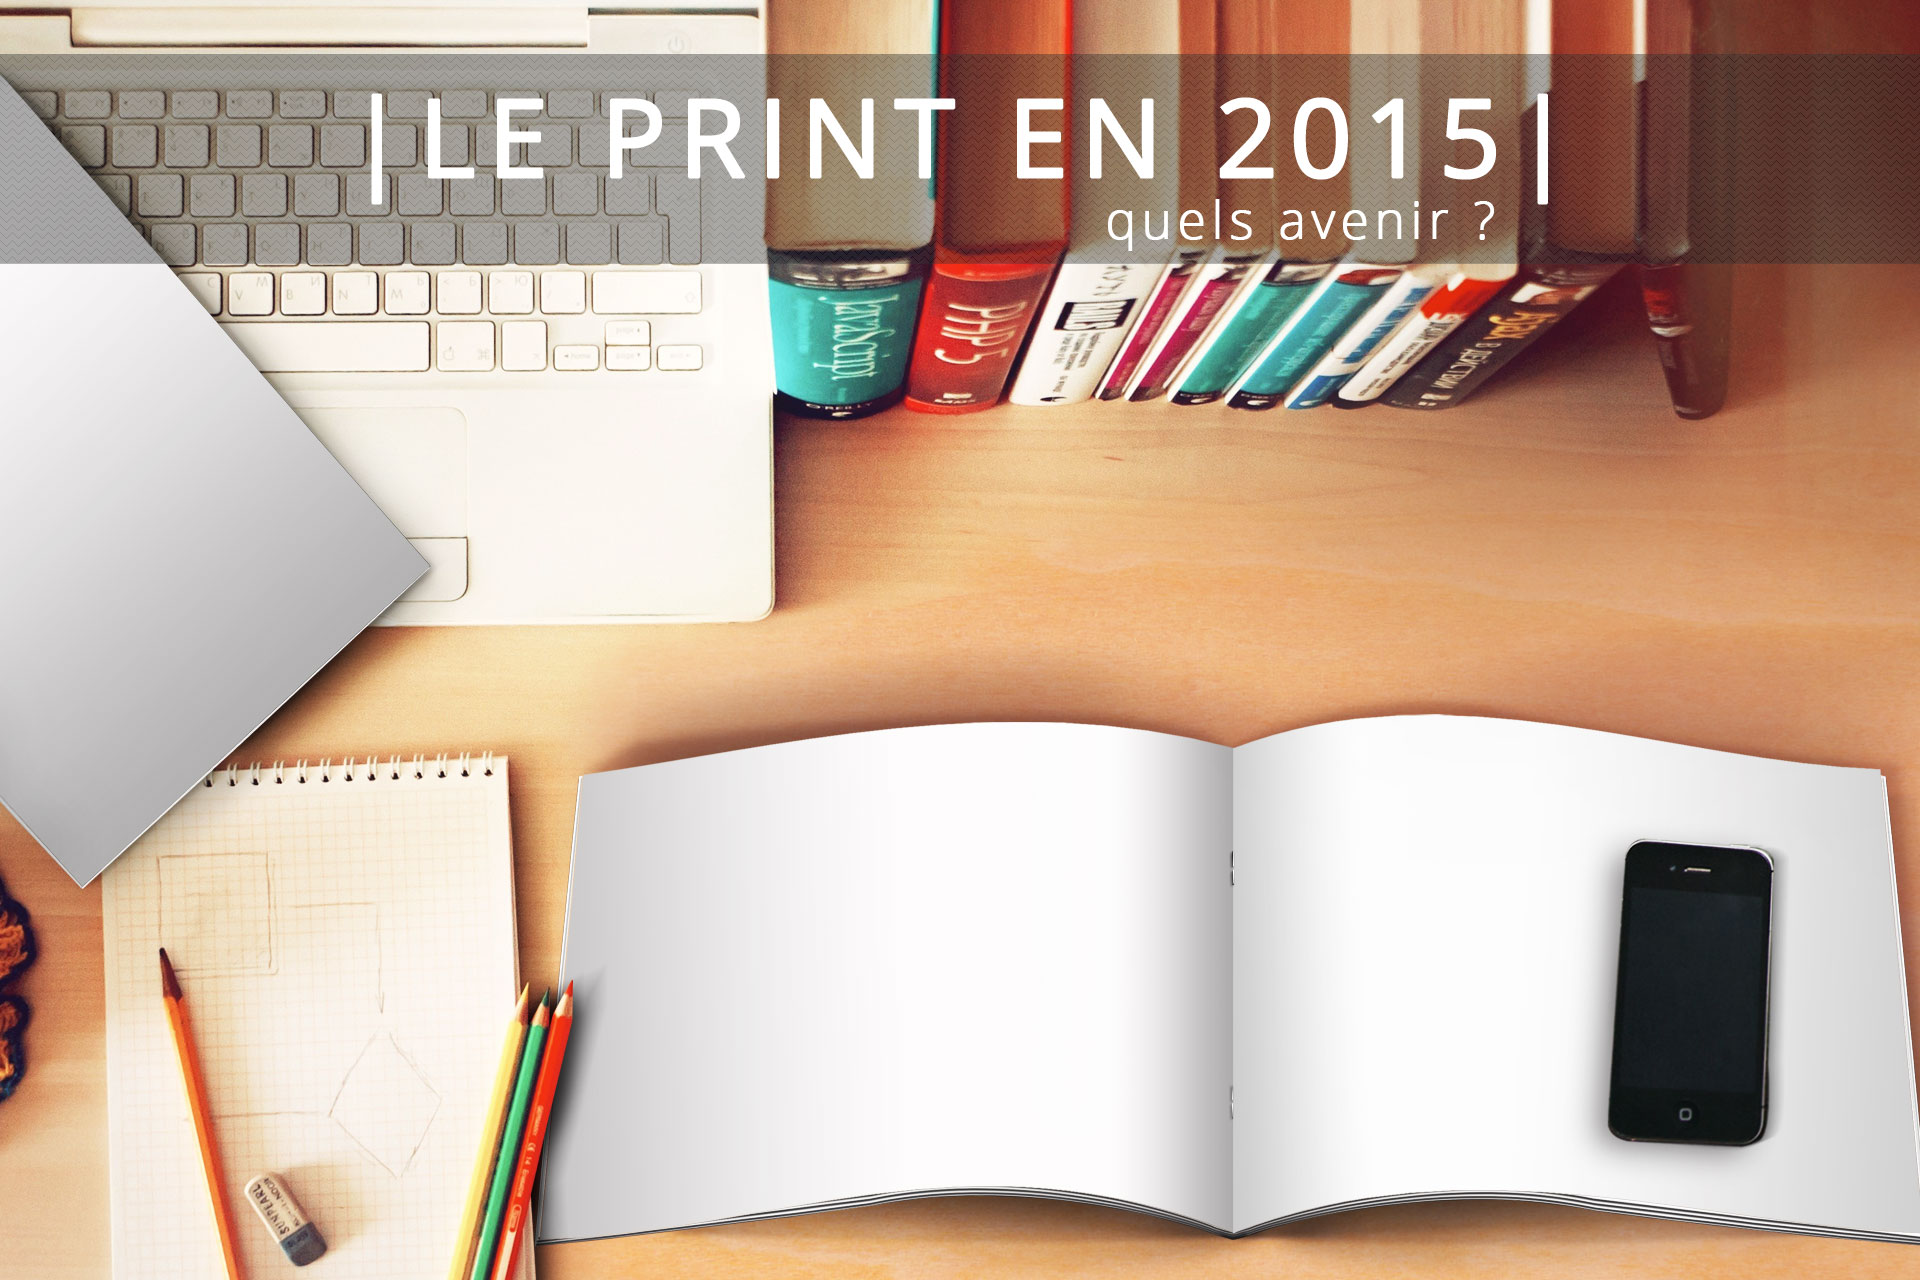 Le print en 2015 : quel avenir ?